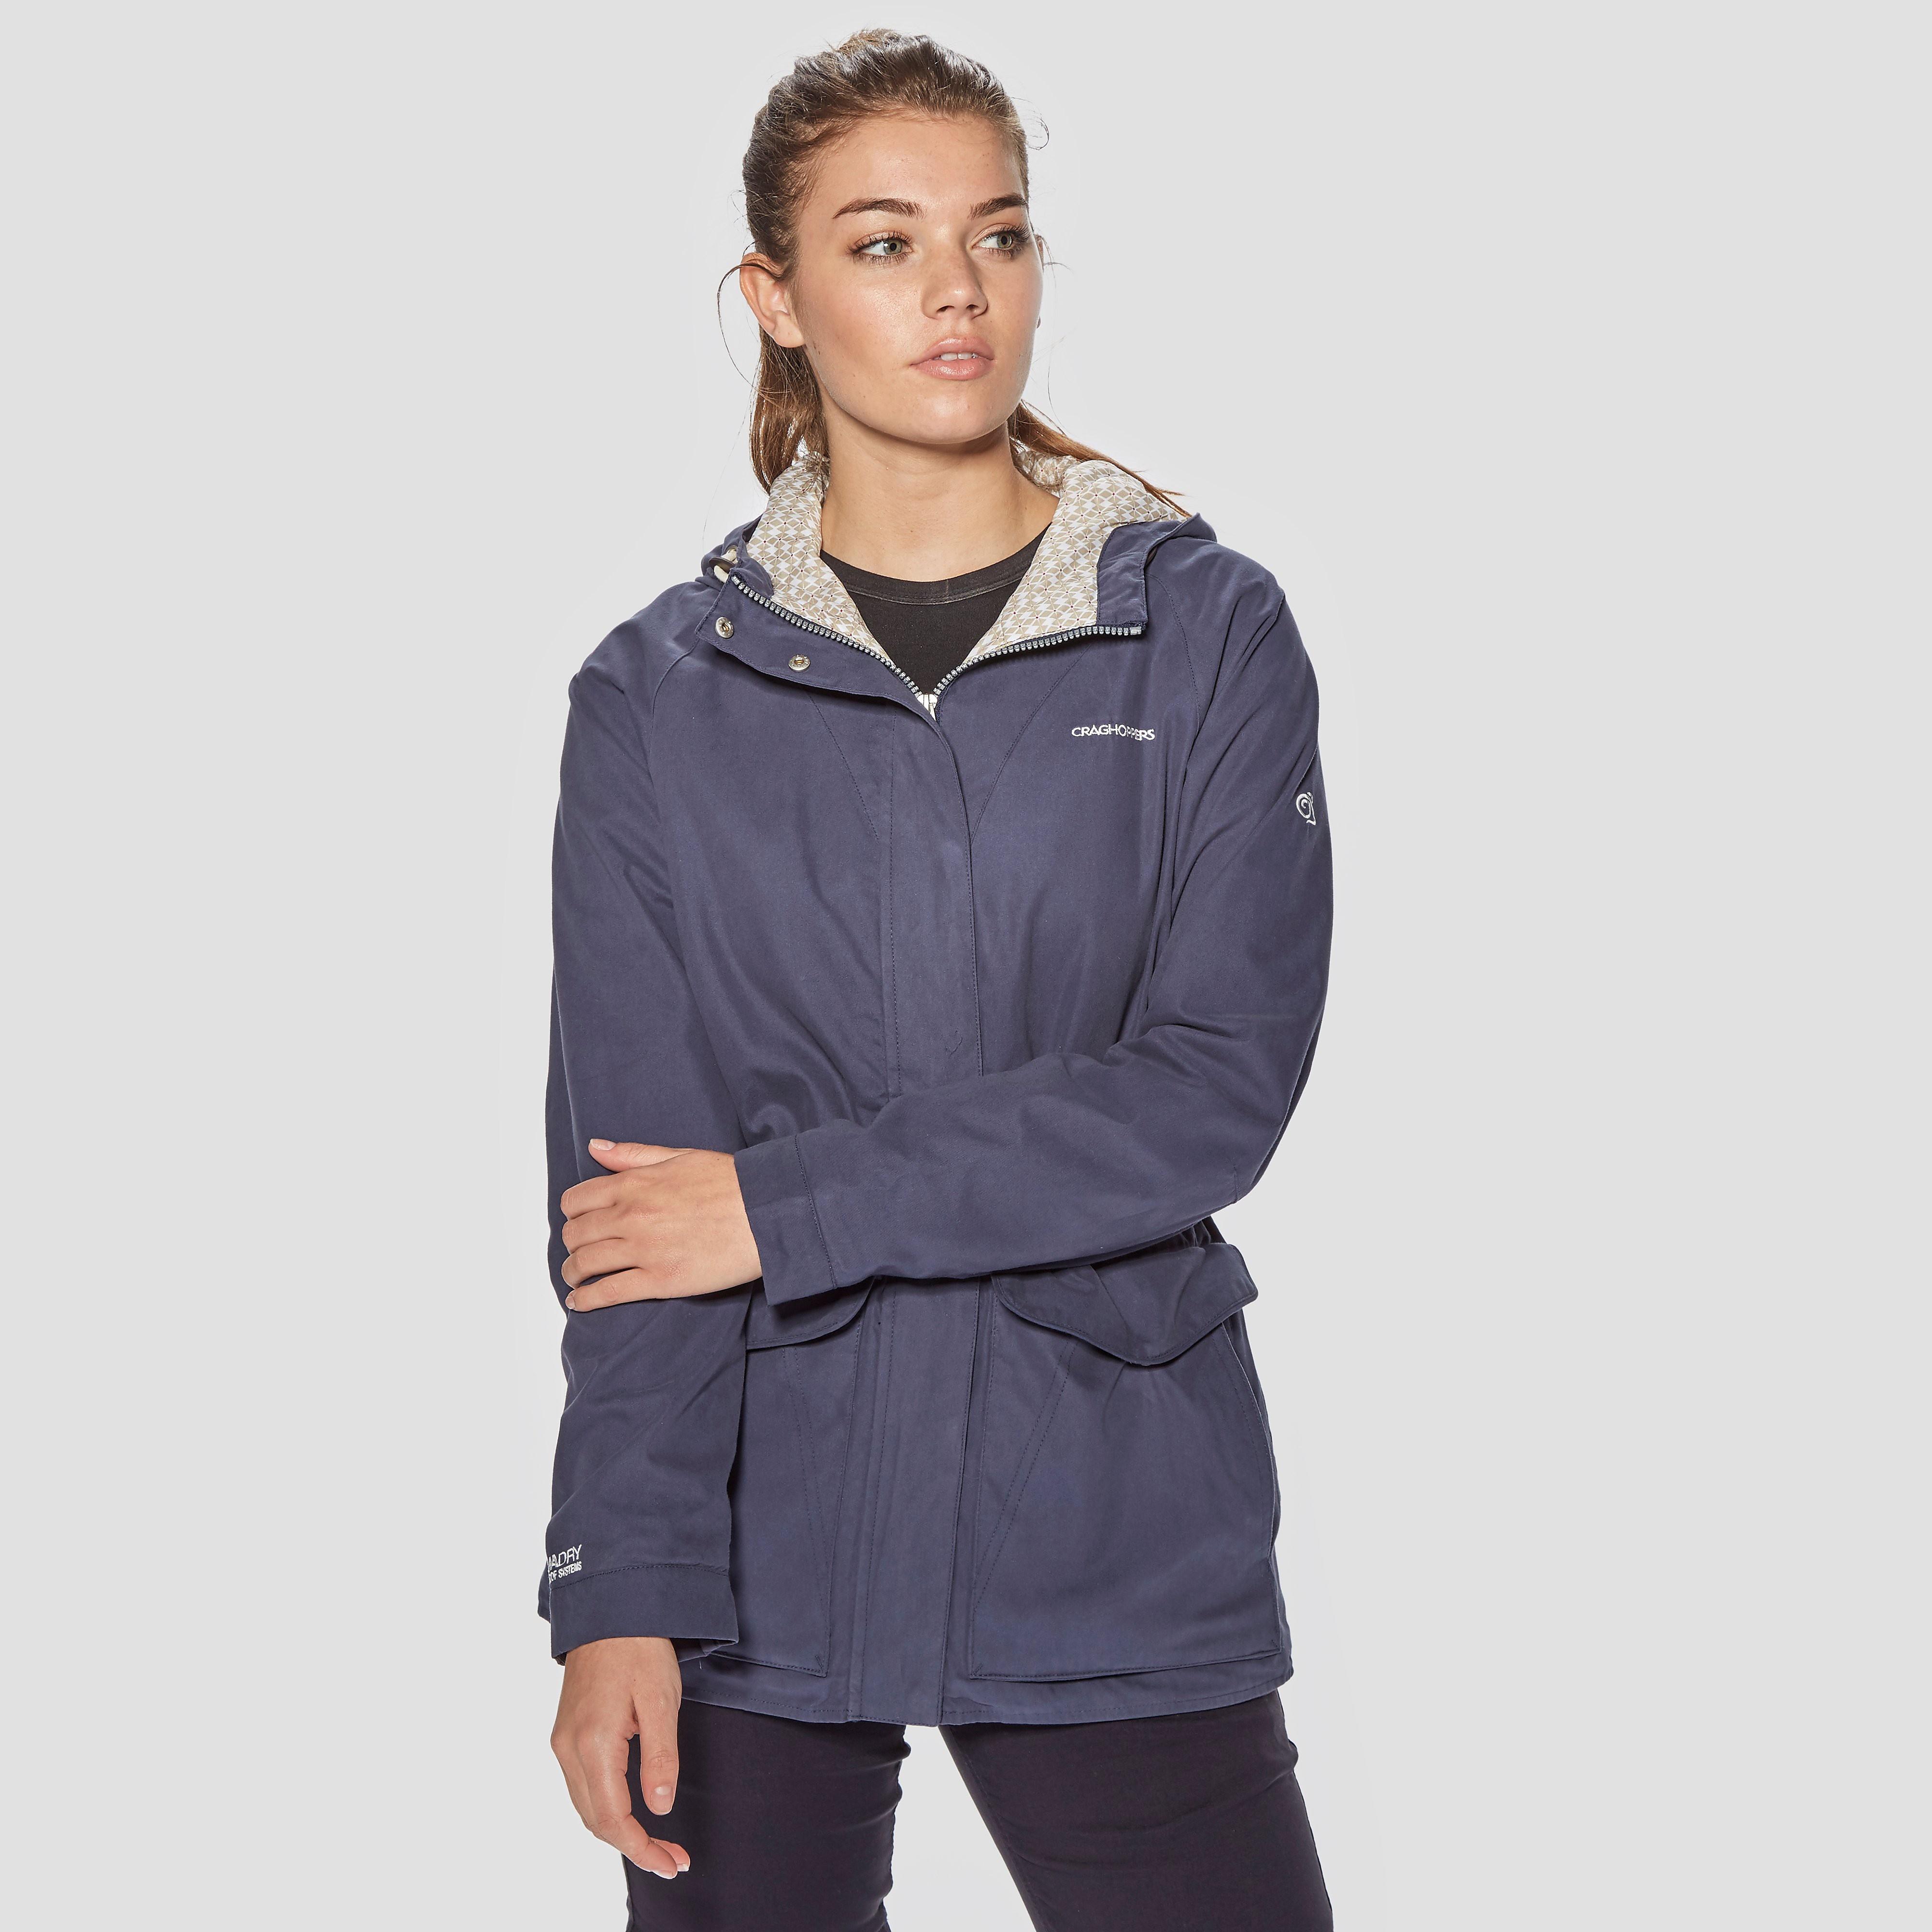 Craghoppers Wren Women's Jacket